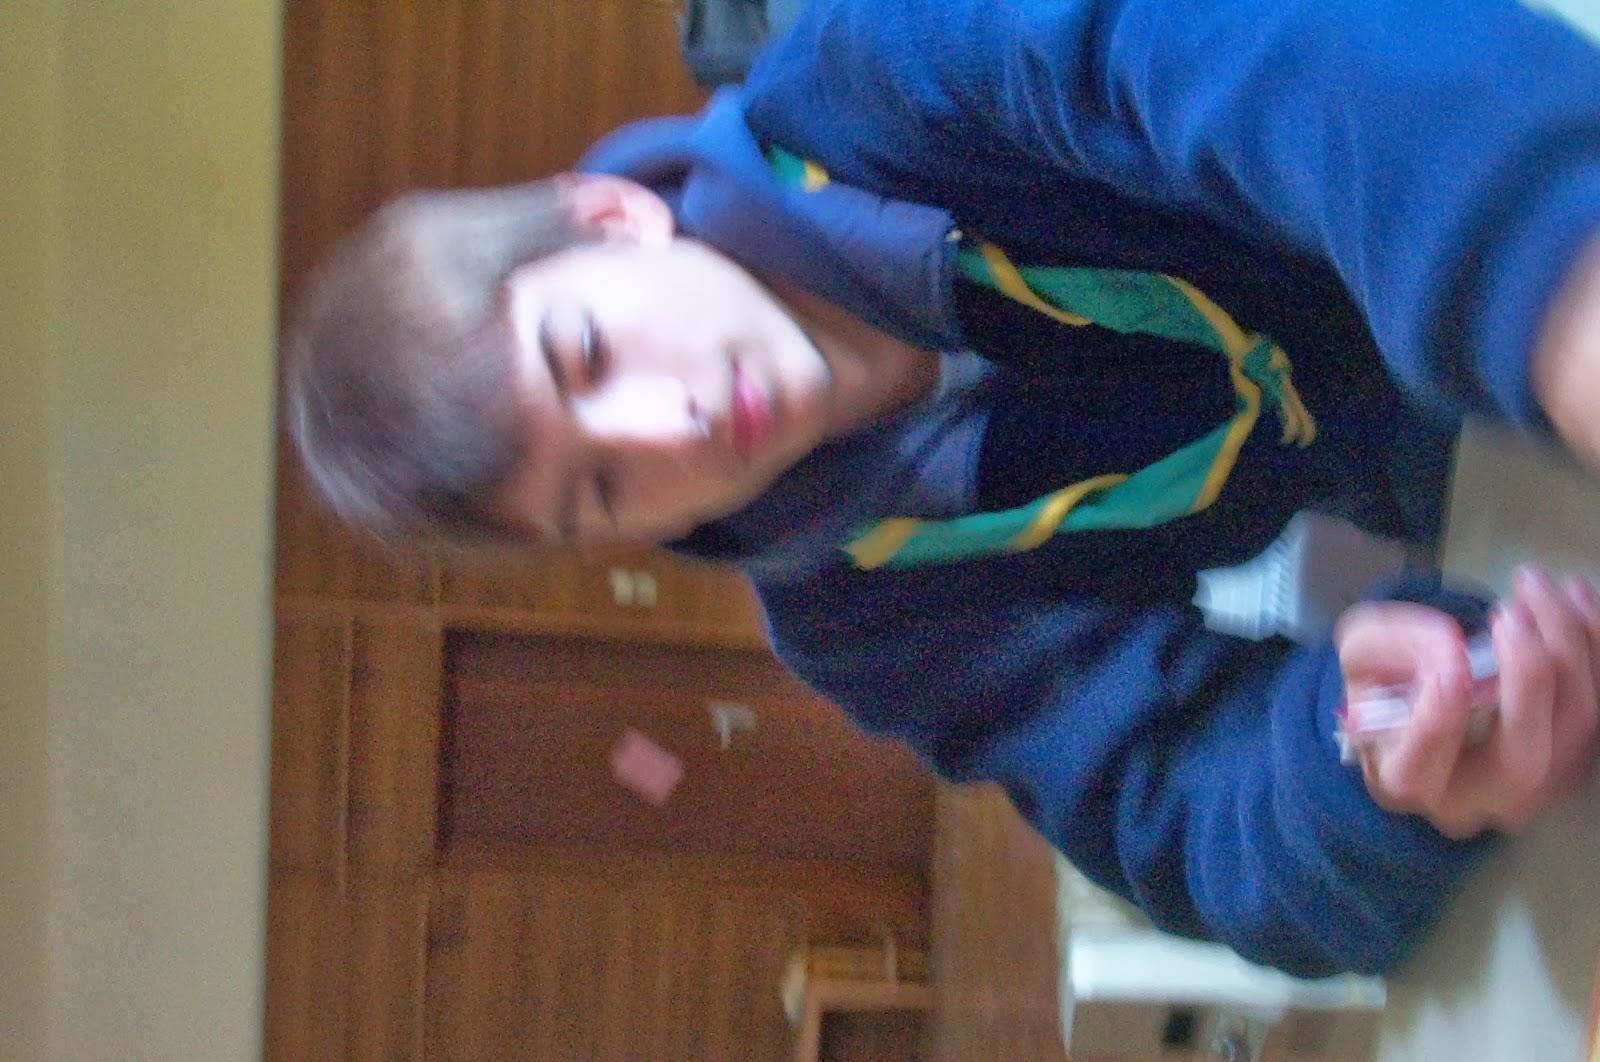 Joti Jota, Ilirska Bistrica 2004 - JOTI_JOTA%2B068.jpg